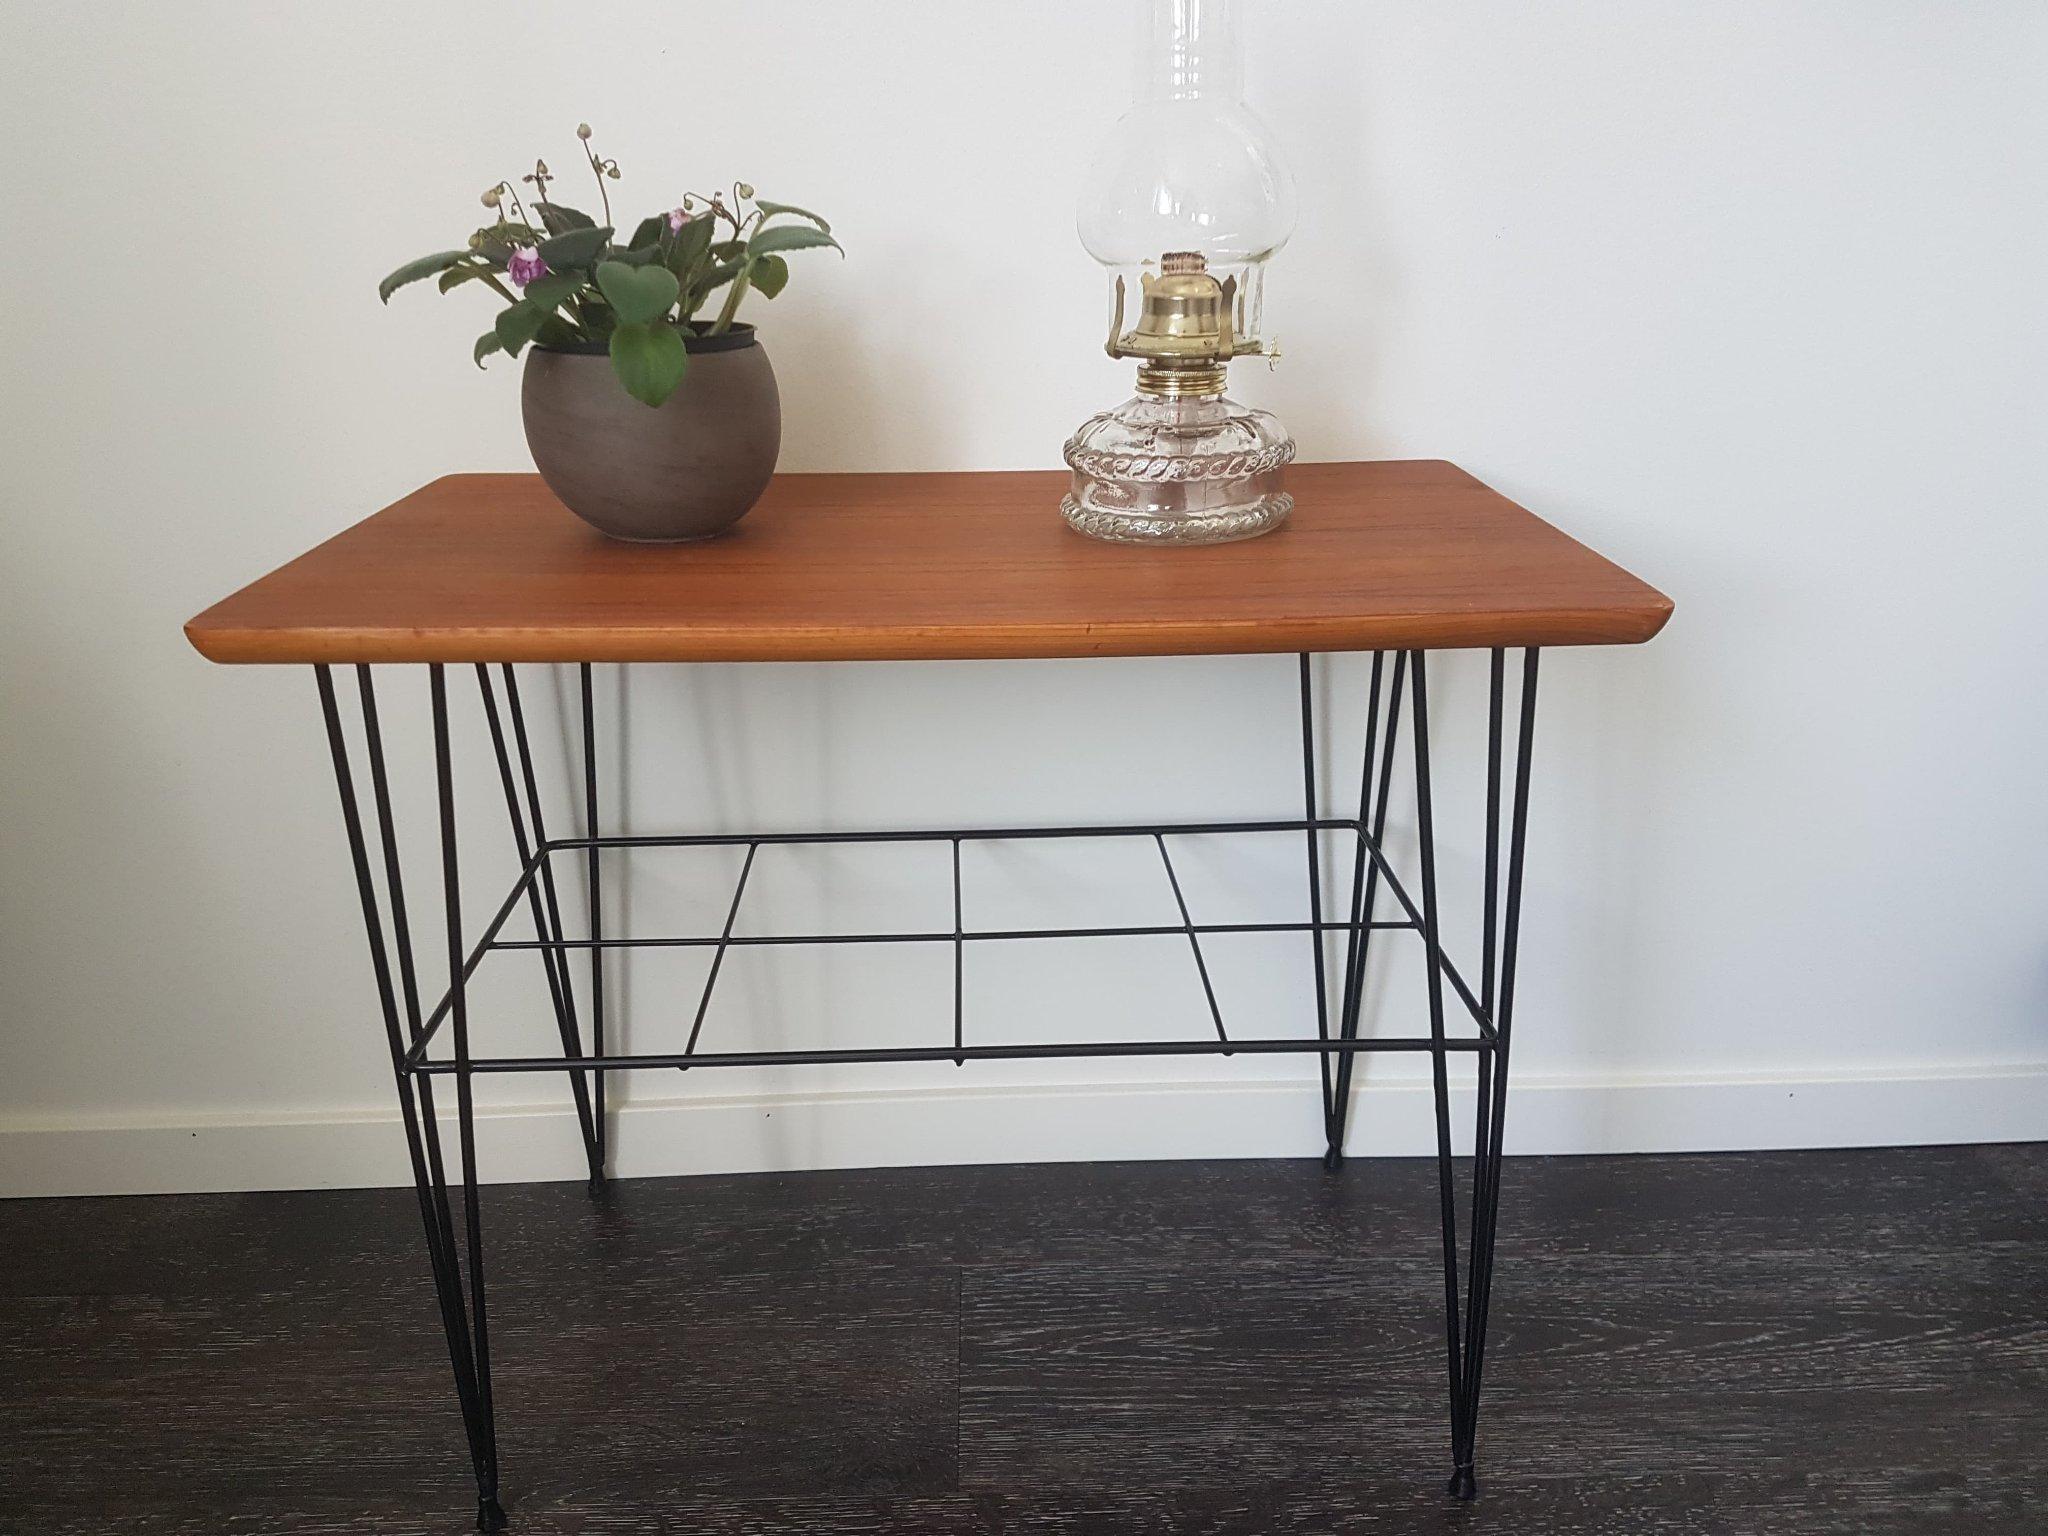 Ubrugte Fint retro bord i teak 50-talet (348829934) ᐈ Köp på Tradera OW-96